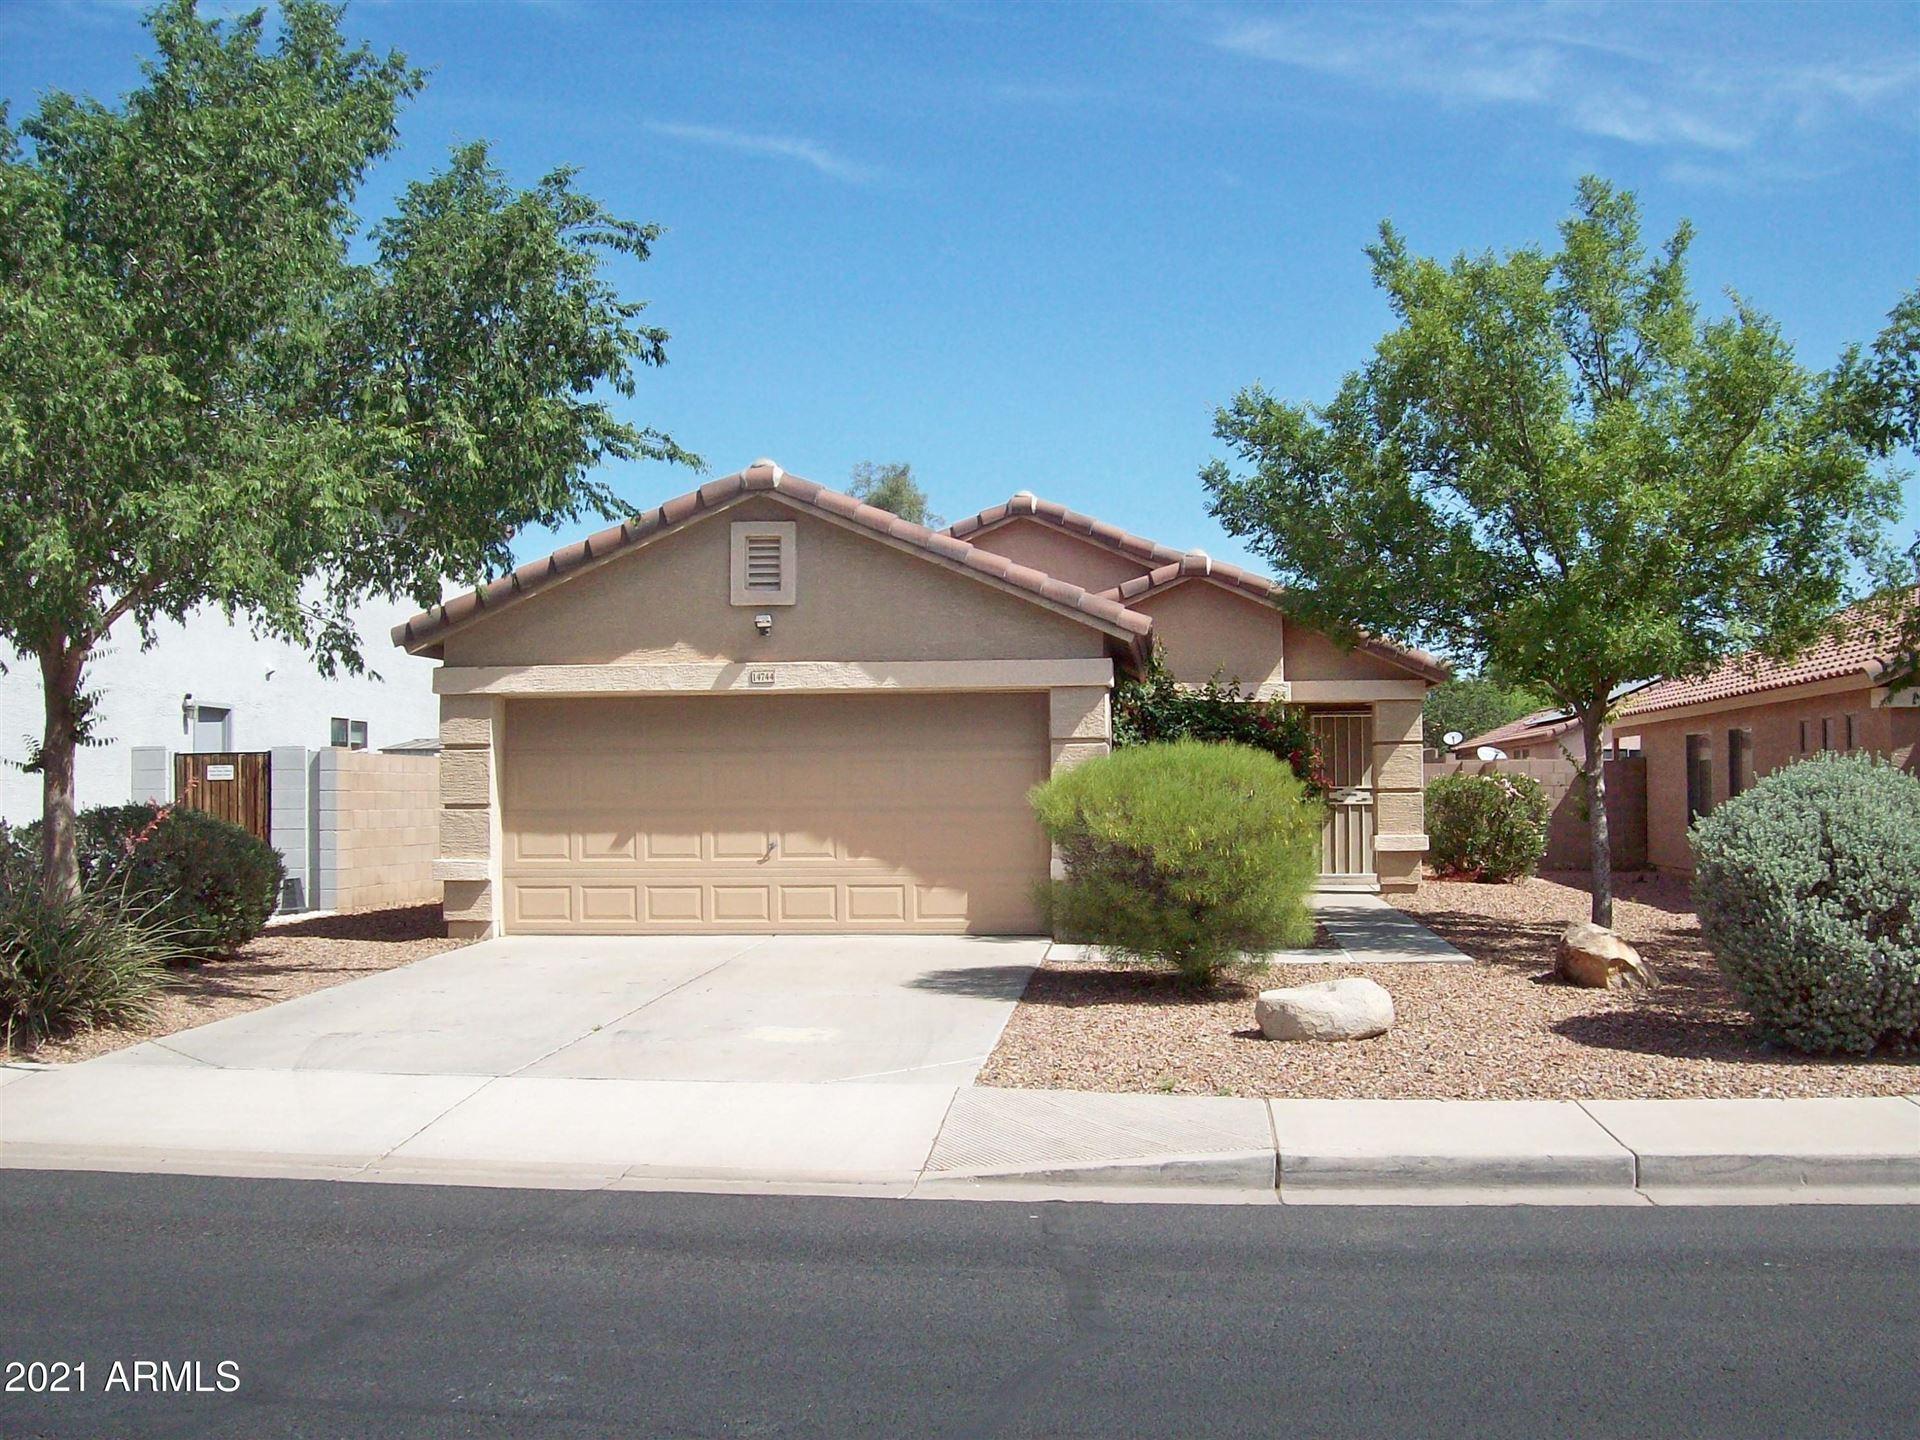 Photo of 14744 W CALAVAR Road, Surprise, AZ 85379 (MLS # 6231504)